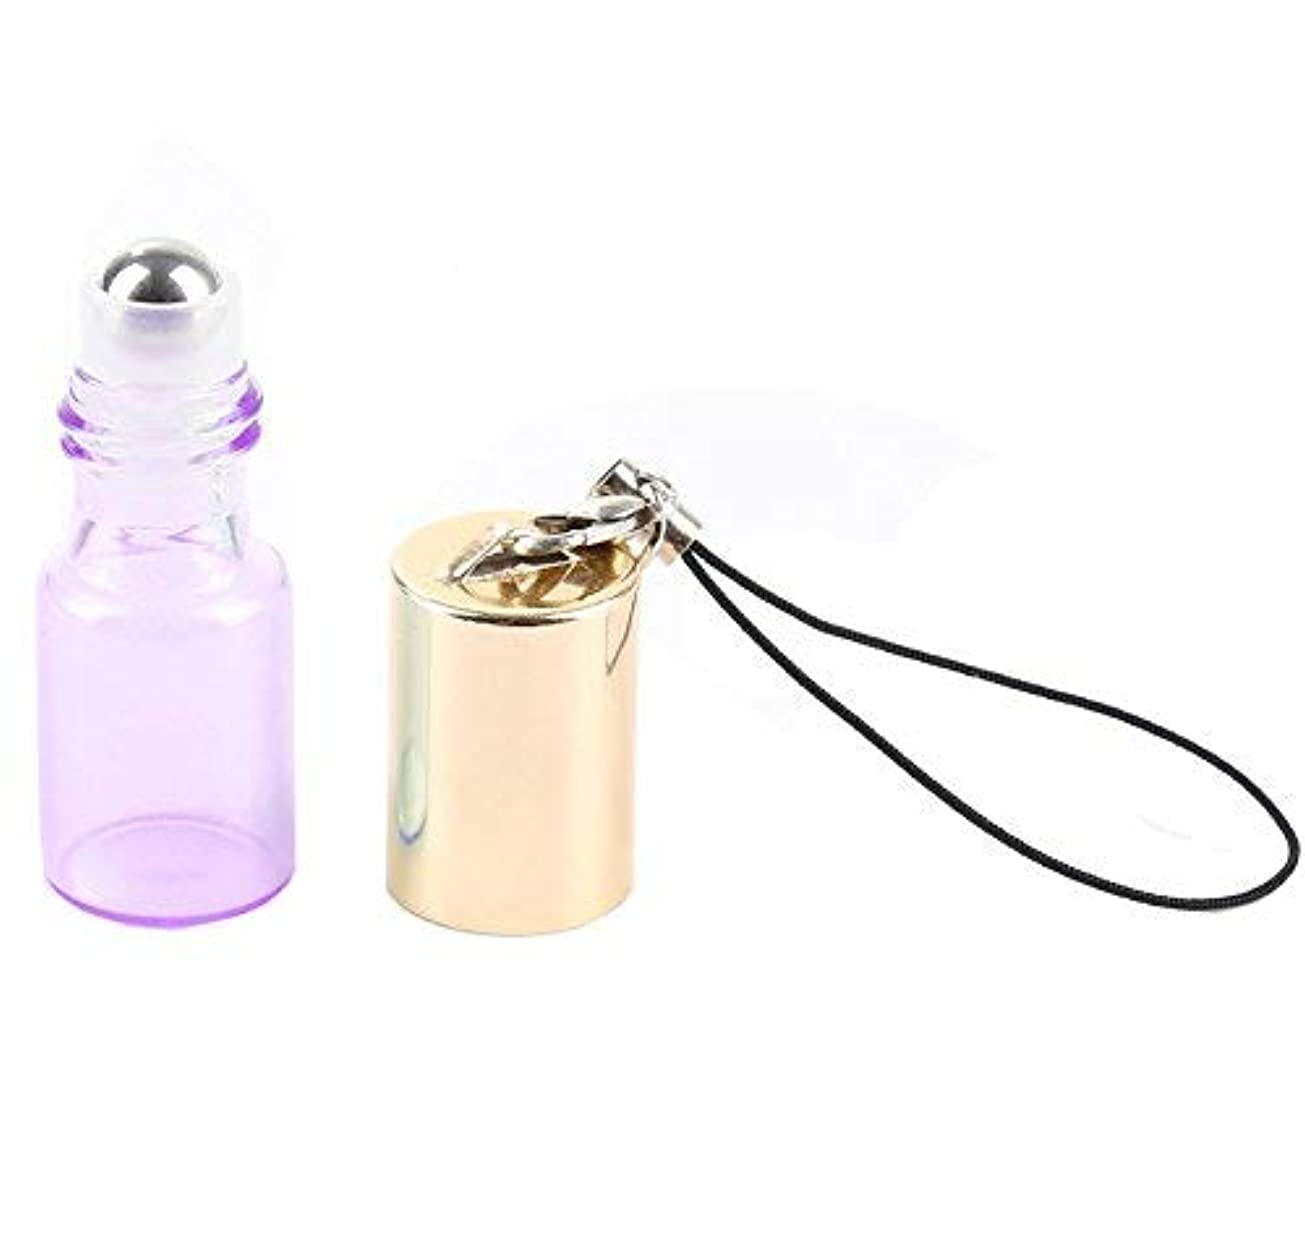 に対応魂元のEmpty Roller Bottles - Pack of 12 3ml Pearl Colored Glass Roll-on Bottles for Essential Oil Container with Golden...